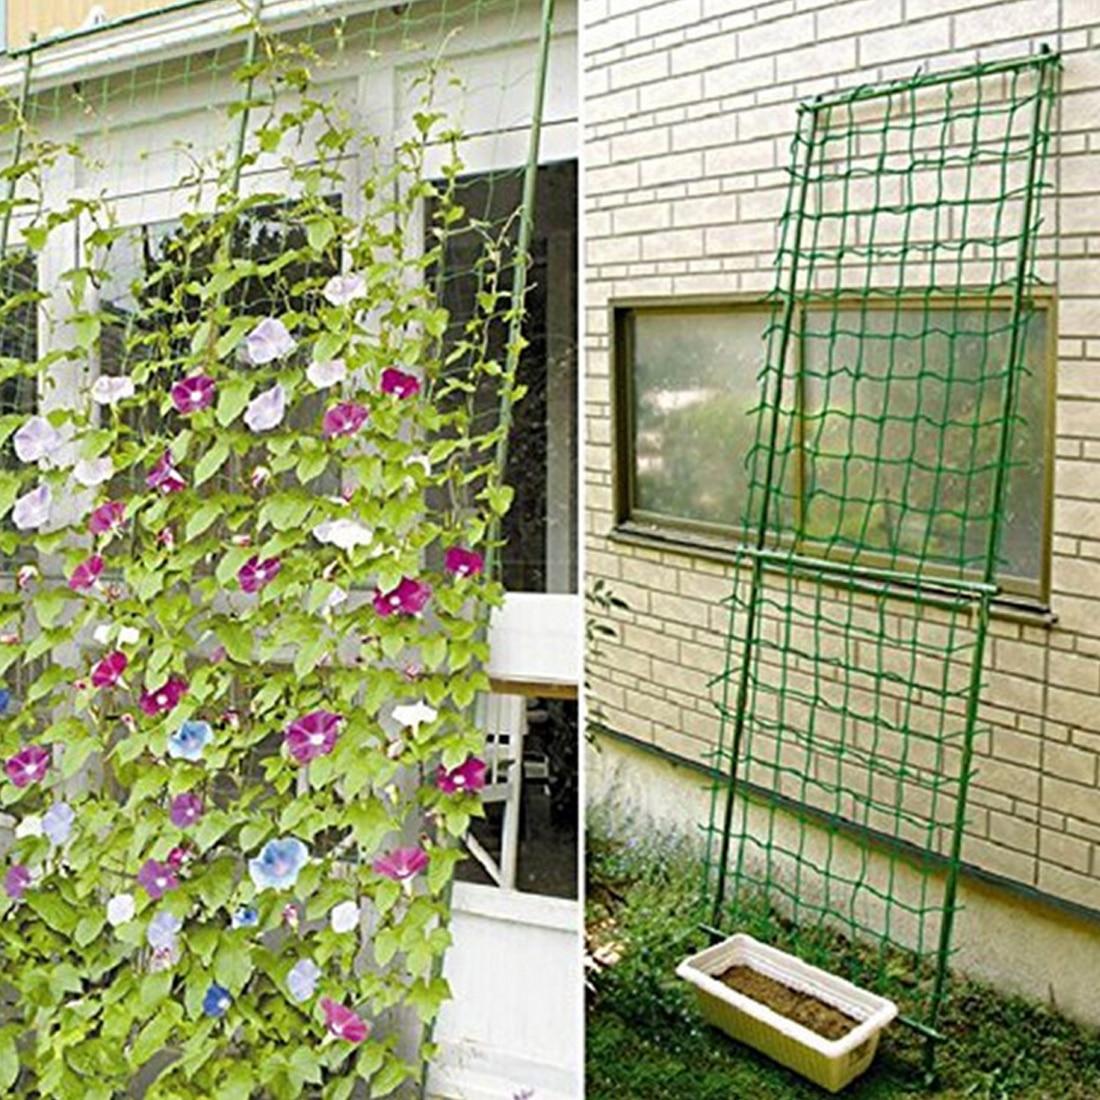 0.9*1.8m Garden Fence Millipore Nylon Net Climbing Frame Gardening Net Plant Fence Anti-bird Net Vegetable Plant Trellis Netting